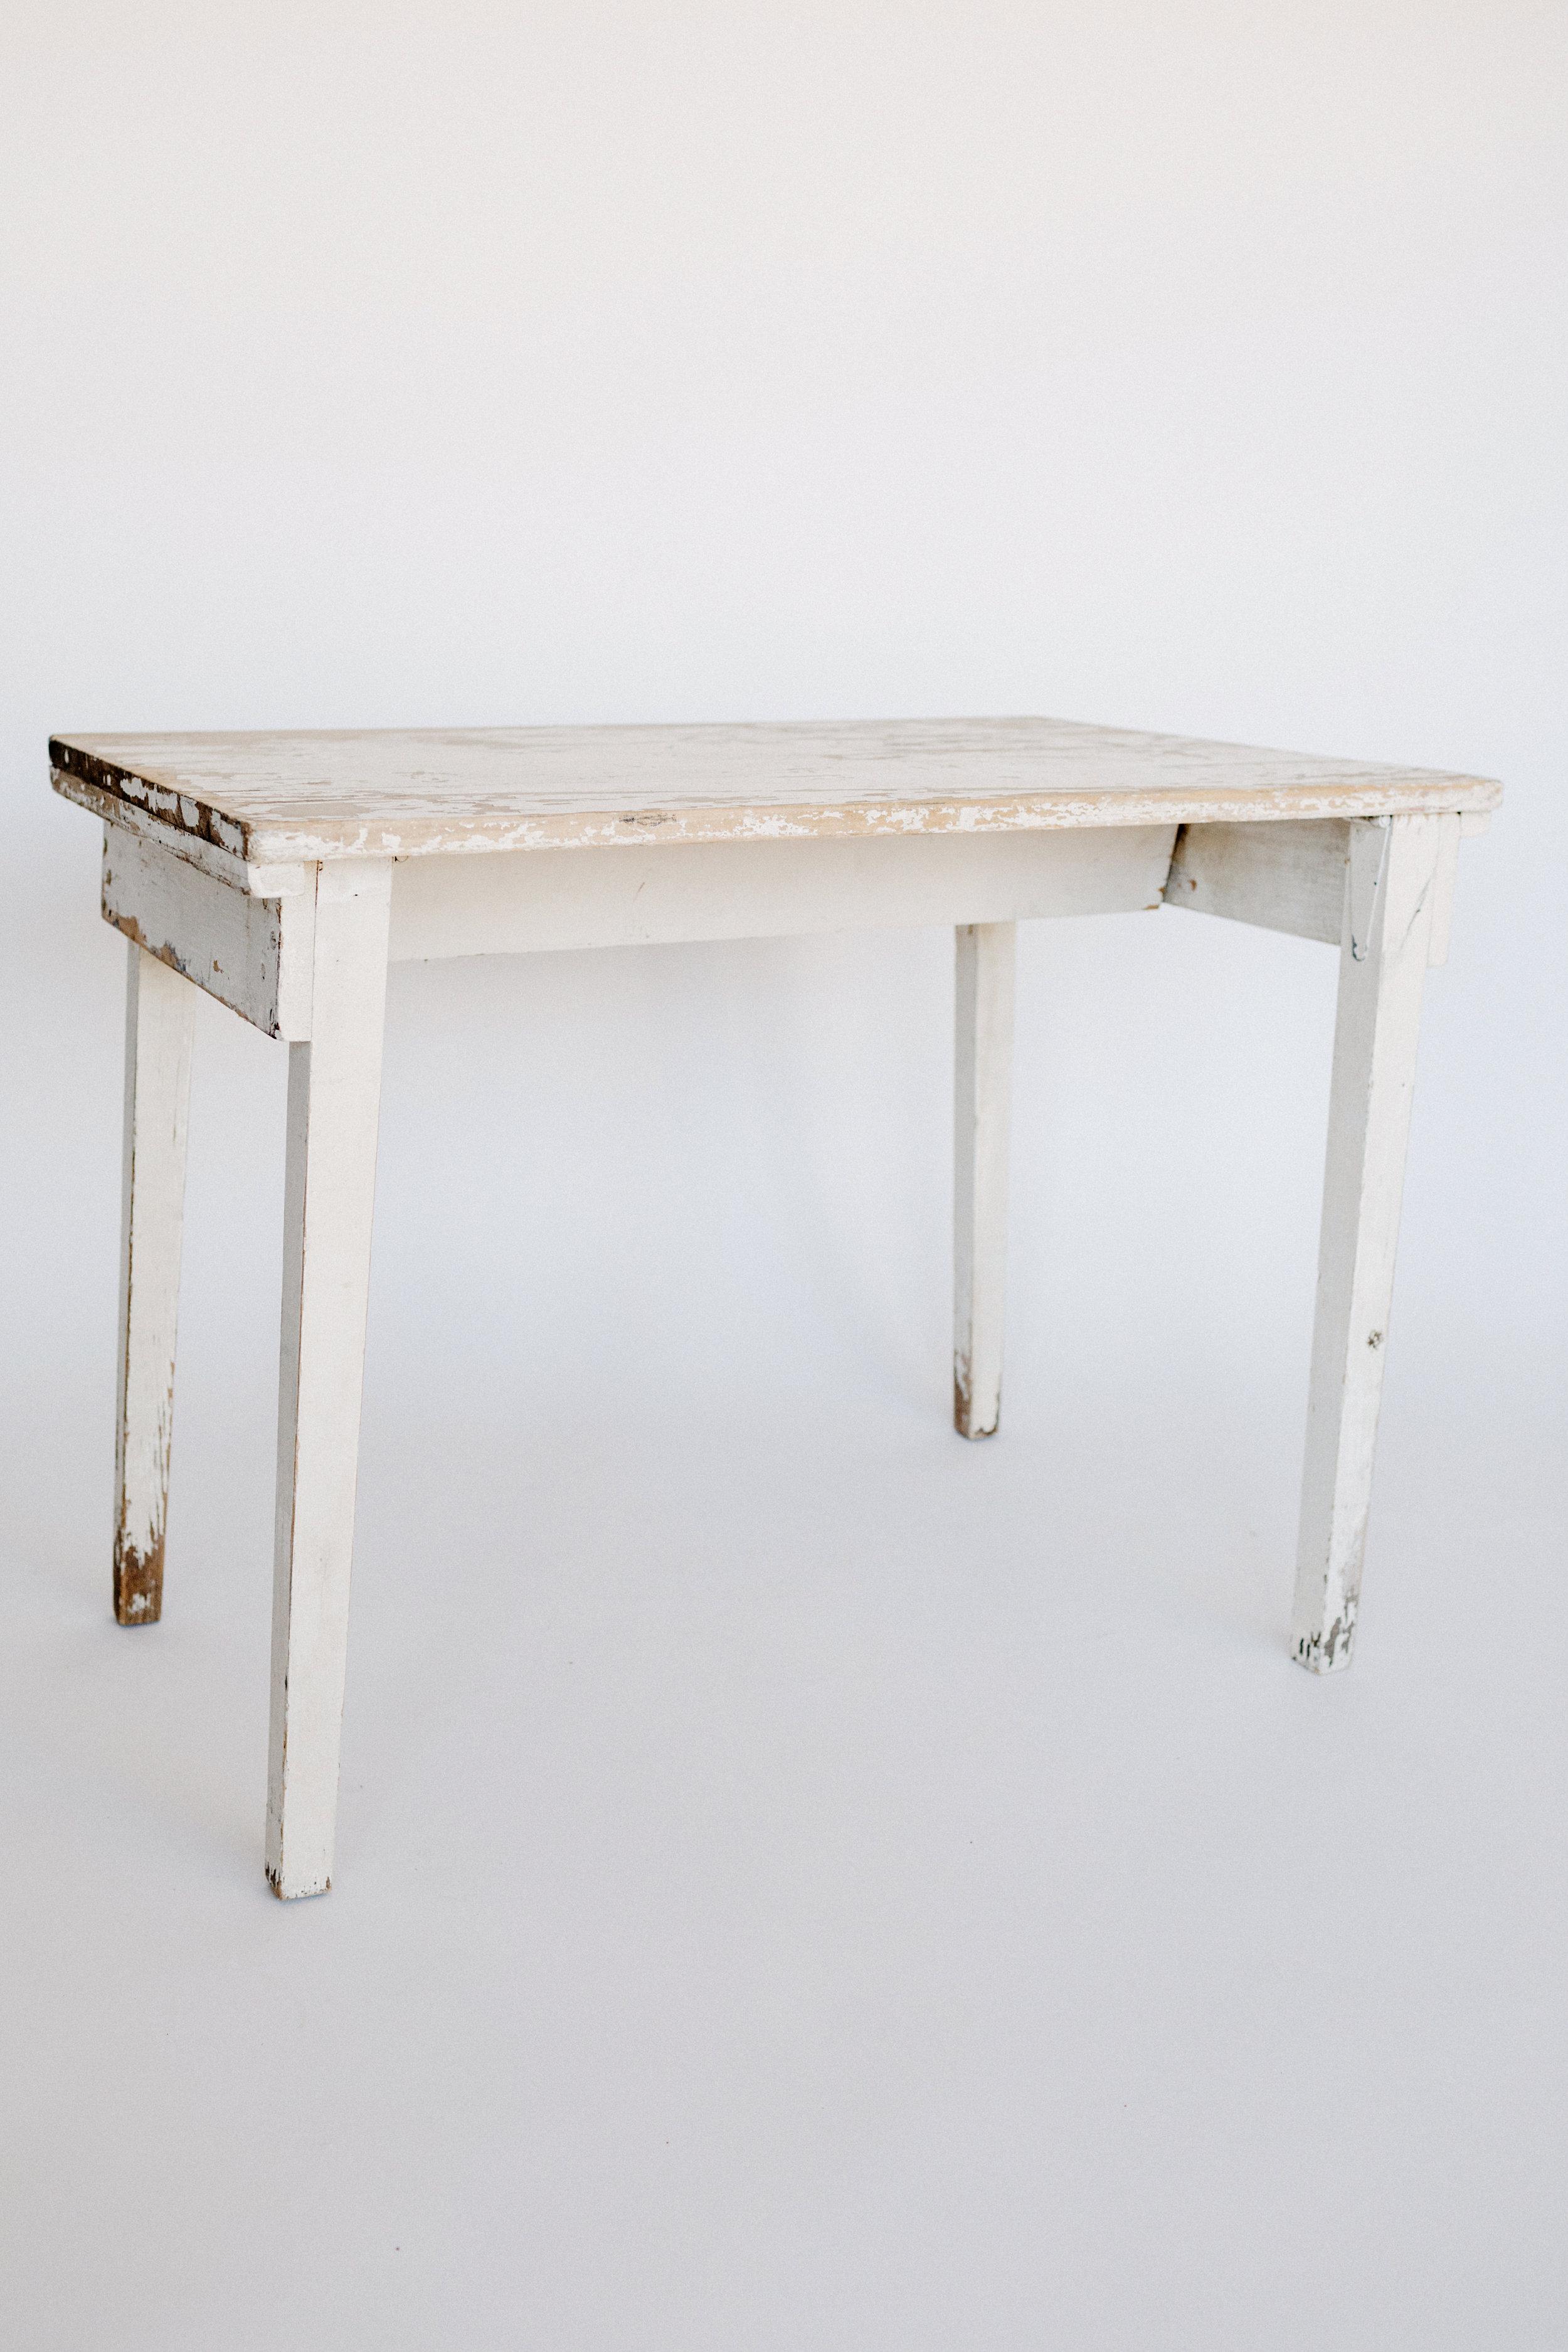 Farmhouse Table #4